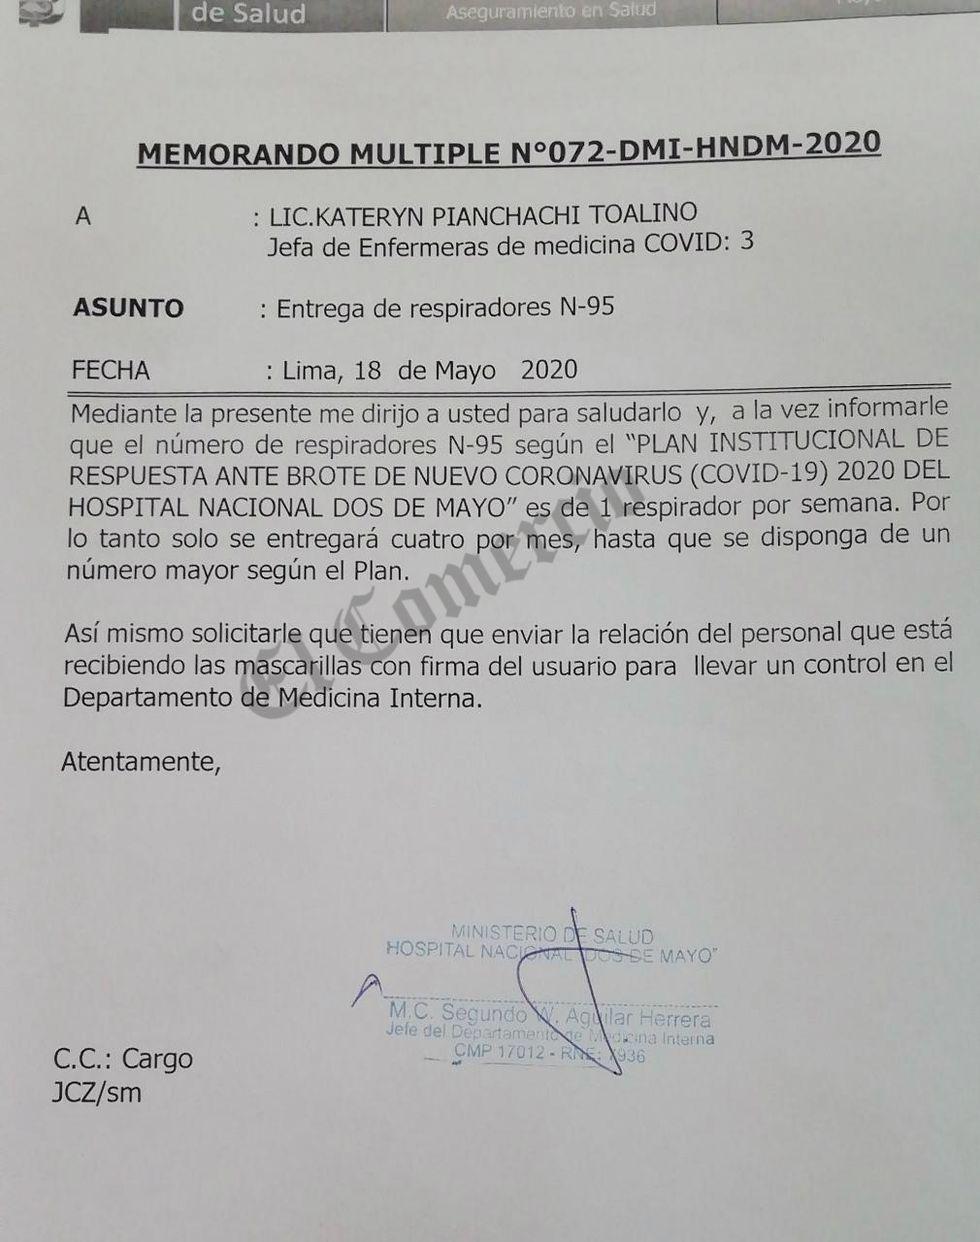 Documento entregado a personal del Hospital Dos de Mayo indicándoles que entregarán cuatro respiradores N95 al mes. (Foto: El Comercio)